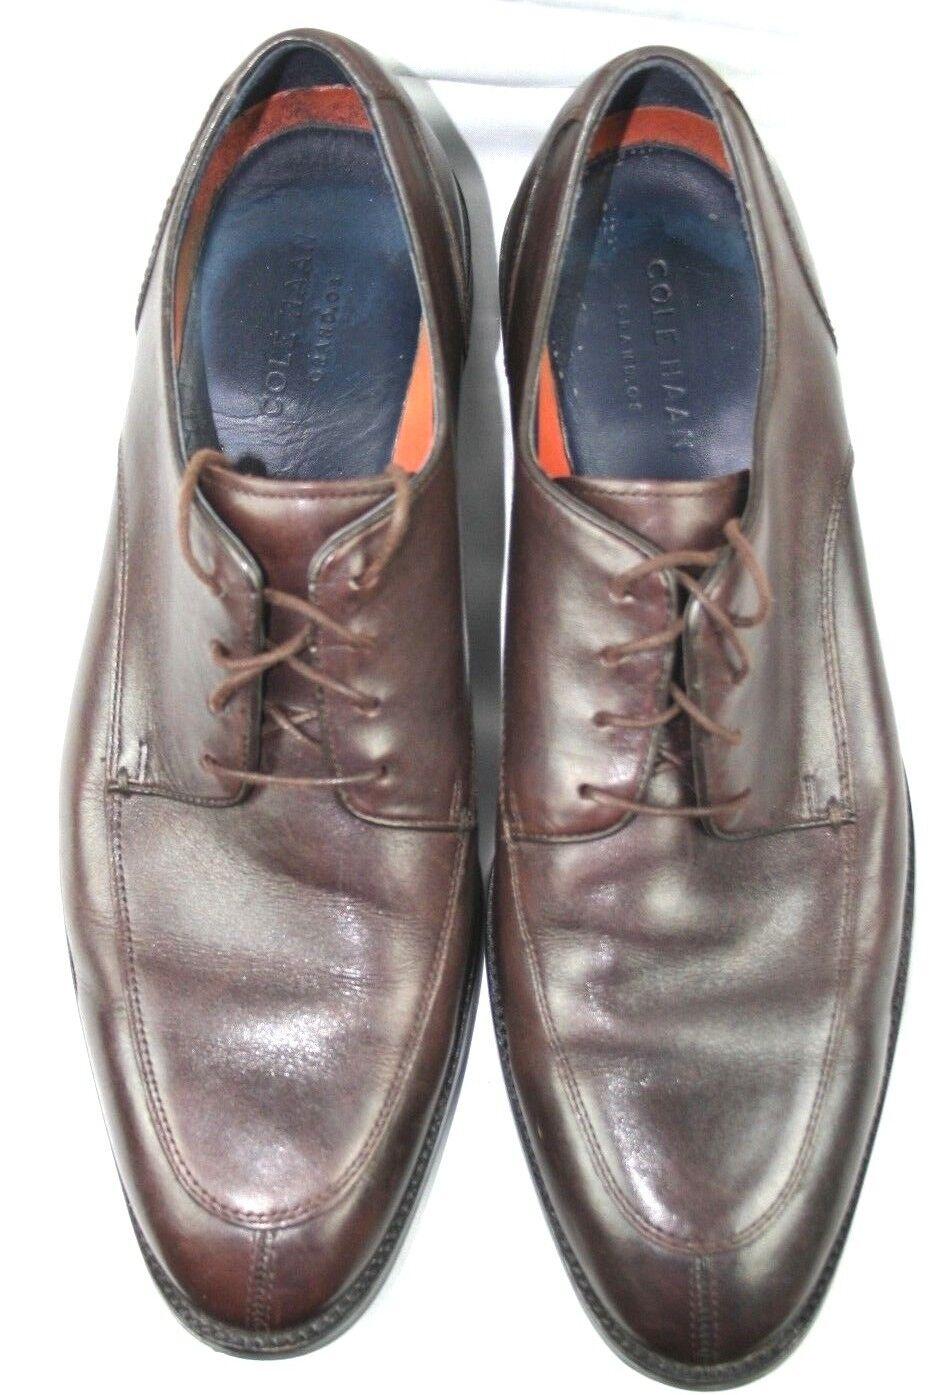 Cole Haan Men's Lenox Hill Split Toe Oxford C11628 PREMIUM Leather shoes Size 11M